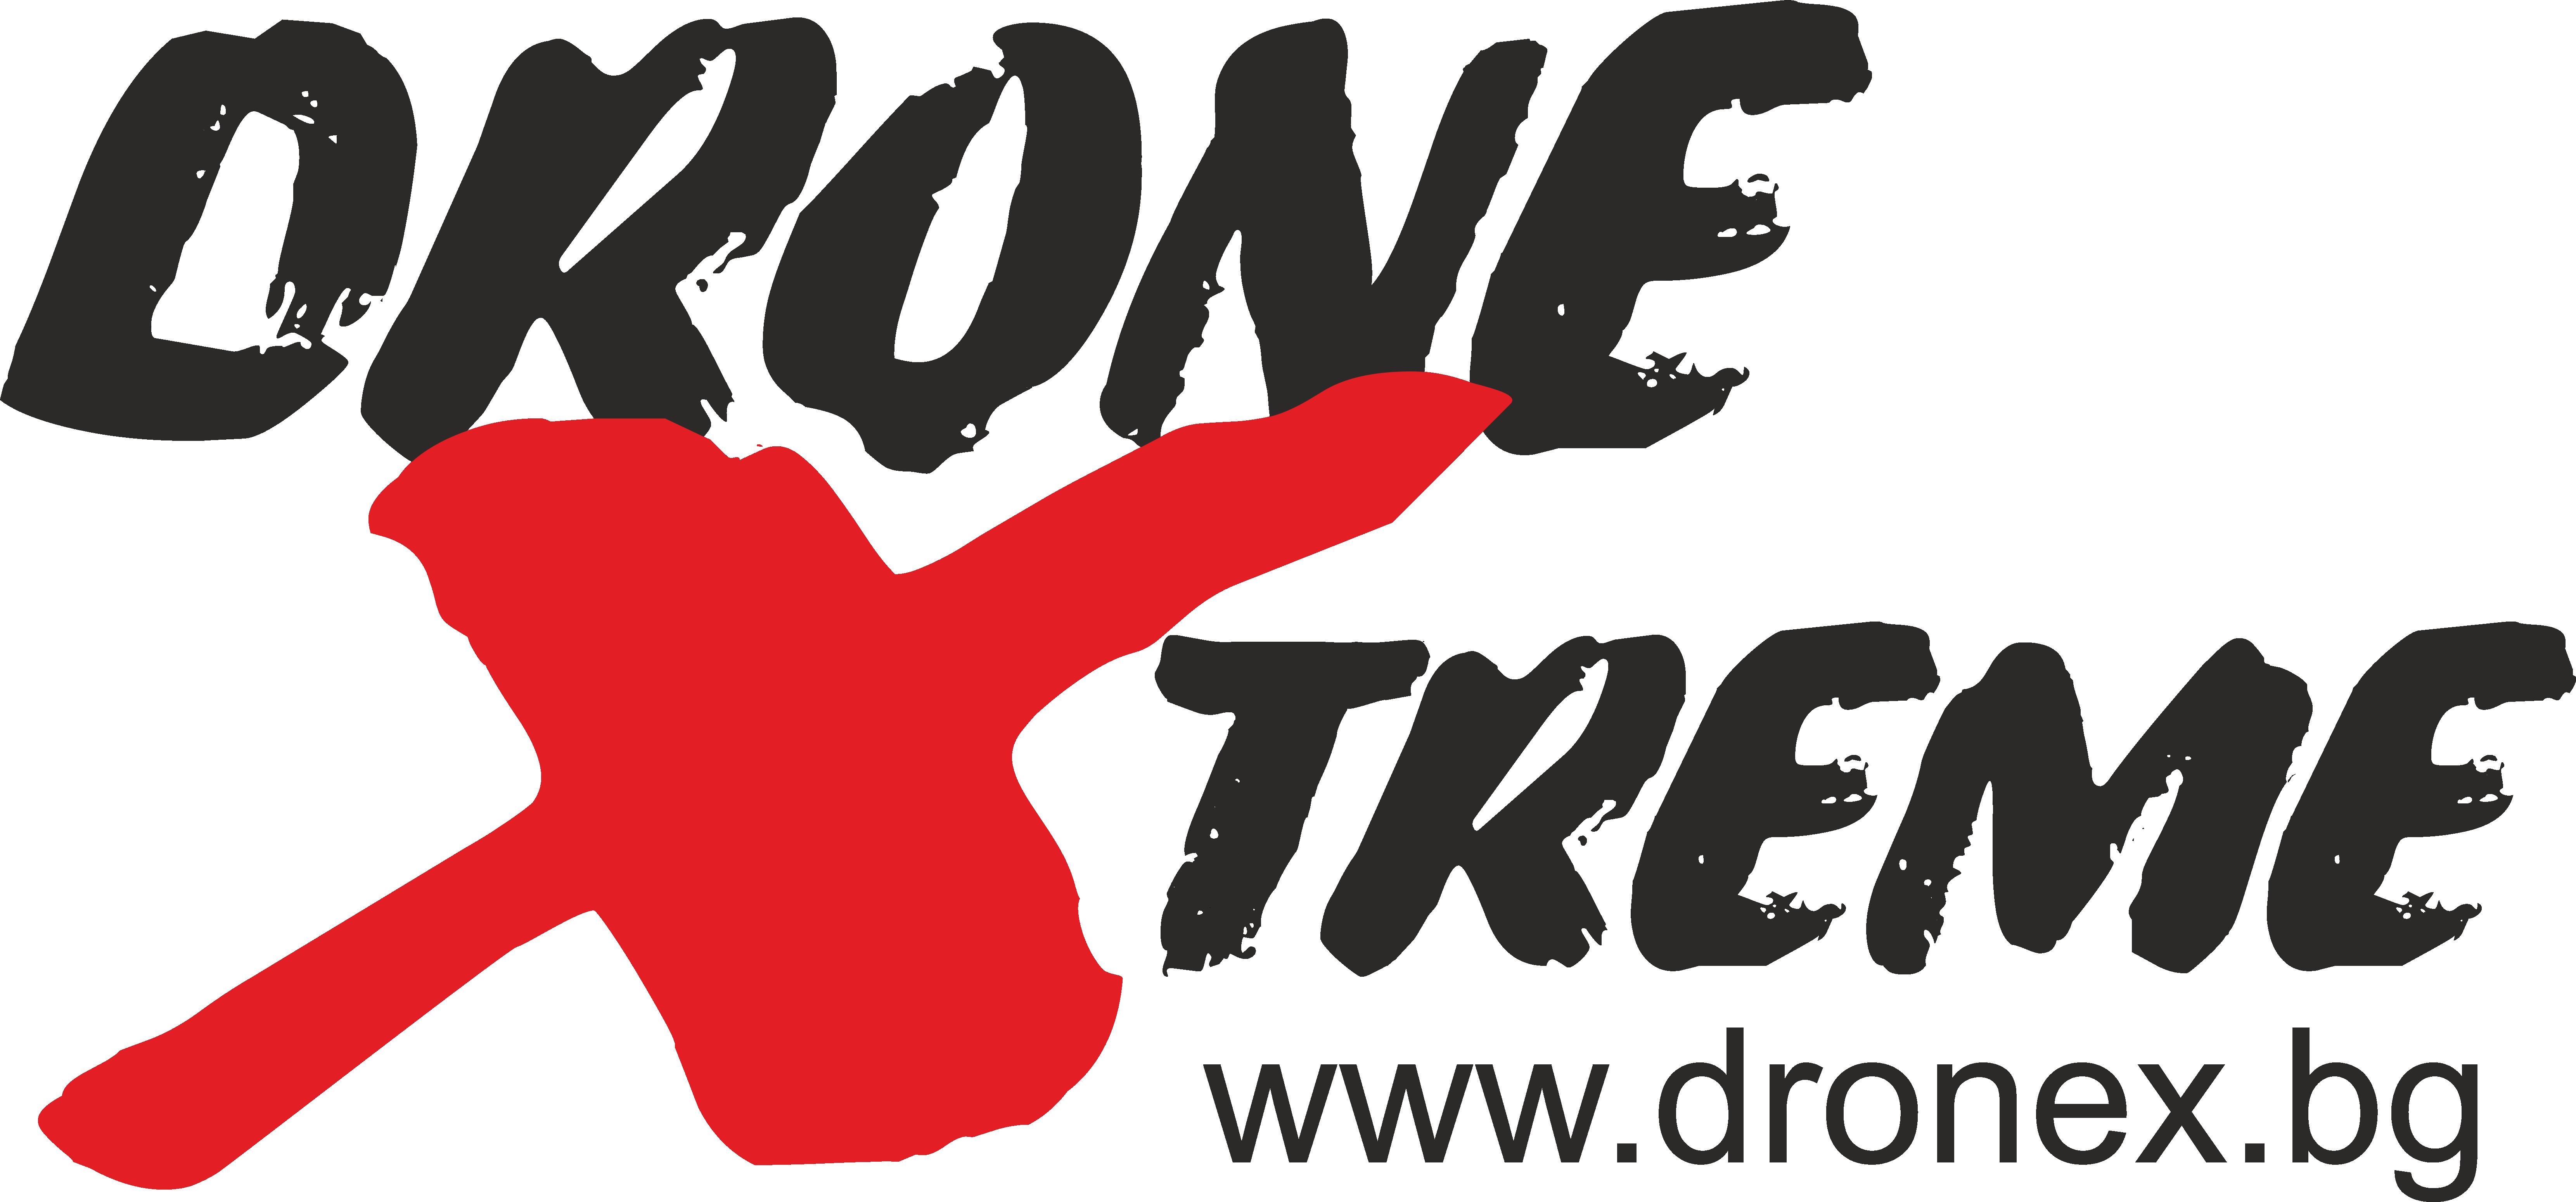 """Drone Xtreme black - Club """"DroneXtremE"""""""